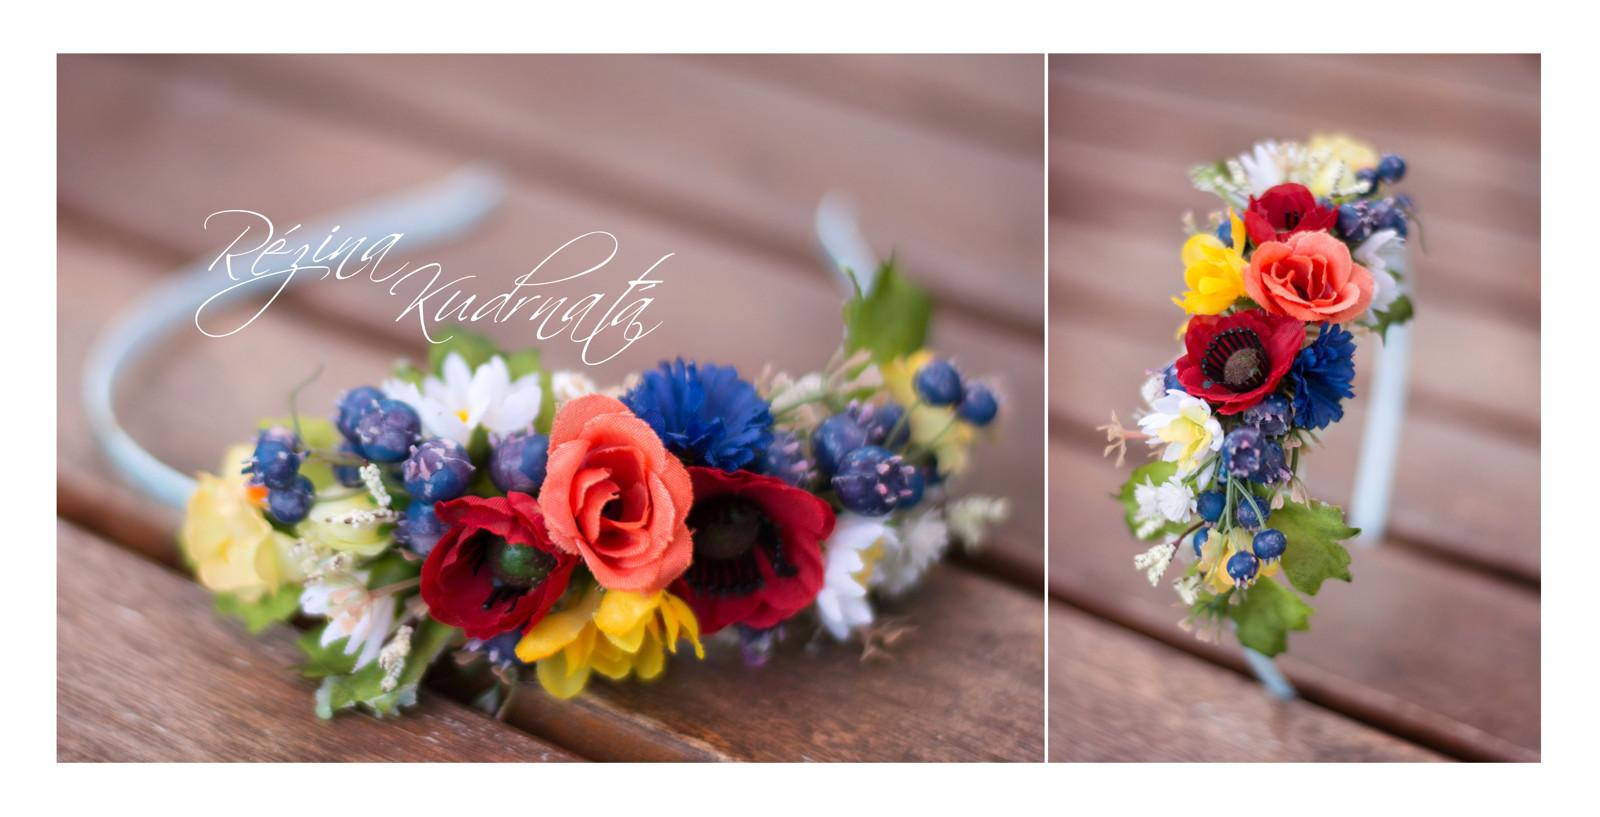 Letní květinová čelenka do vlasů   Zboží prodejce Rézina Kudrnatá ... 27e22524e5